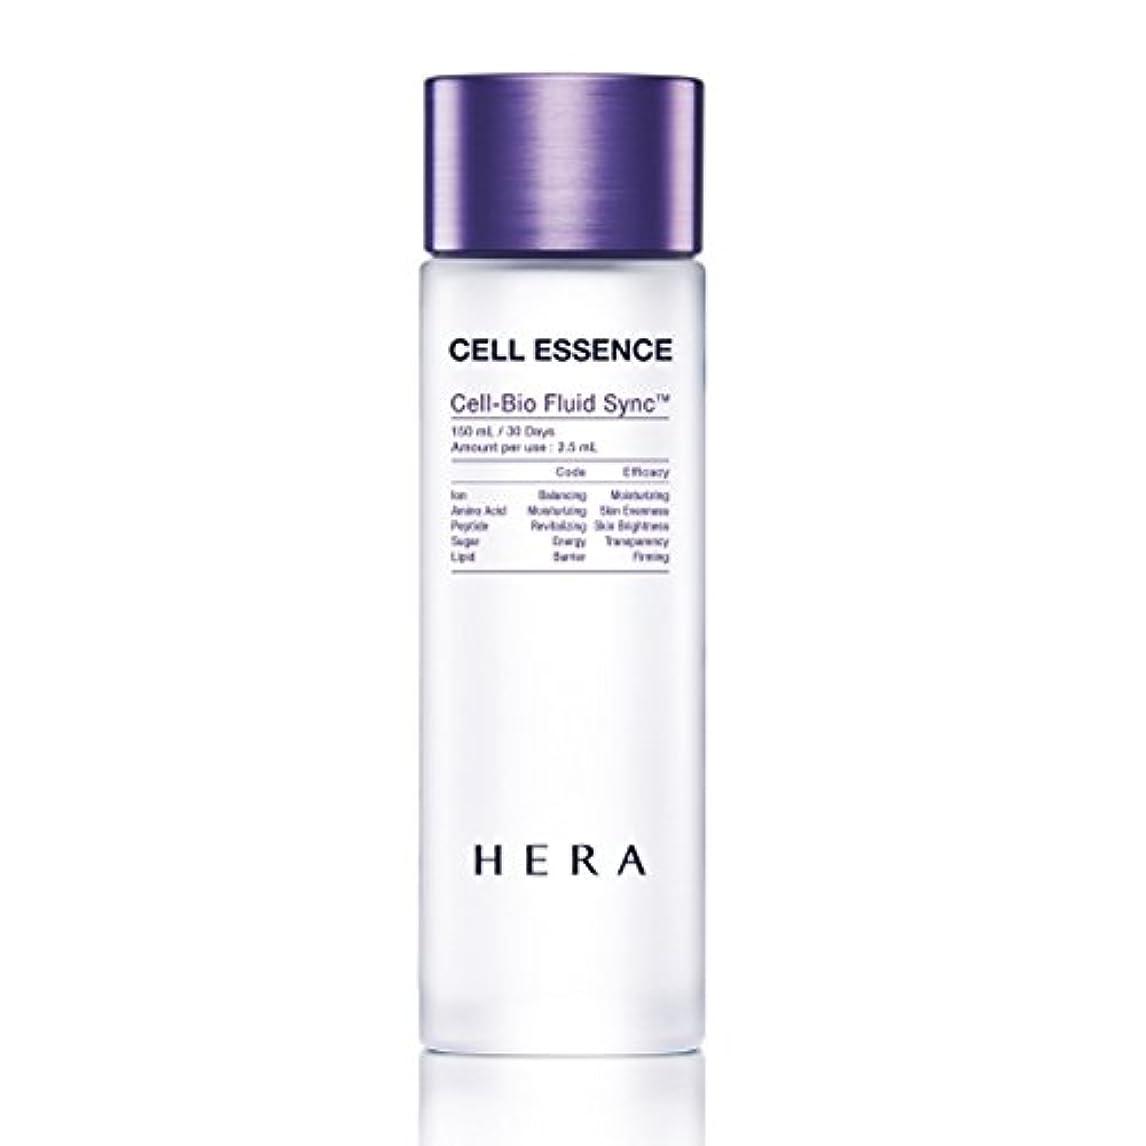 置き場輸血舗装[ヘラ/HERA]HERA CELL ESSENCE/ヘラ セル エッセンス 150ml【美容液】(海外直送品)